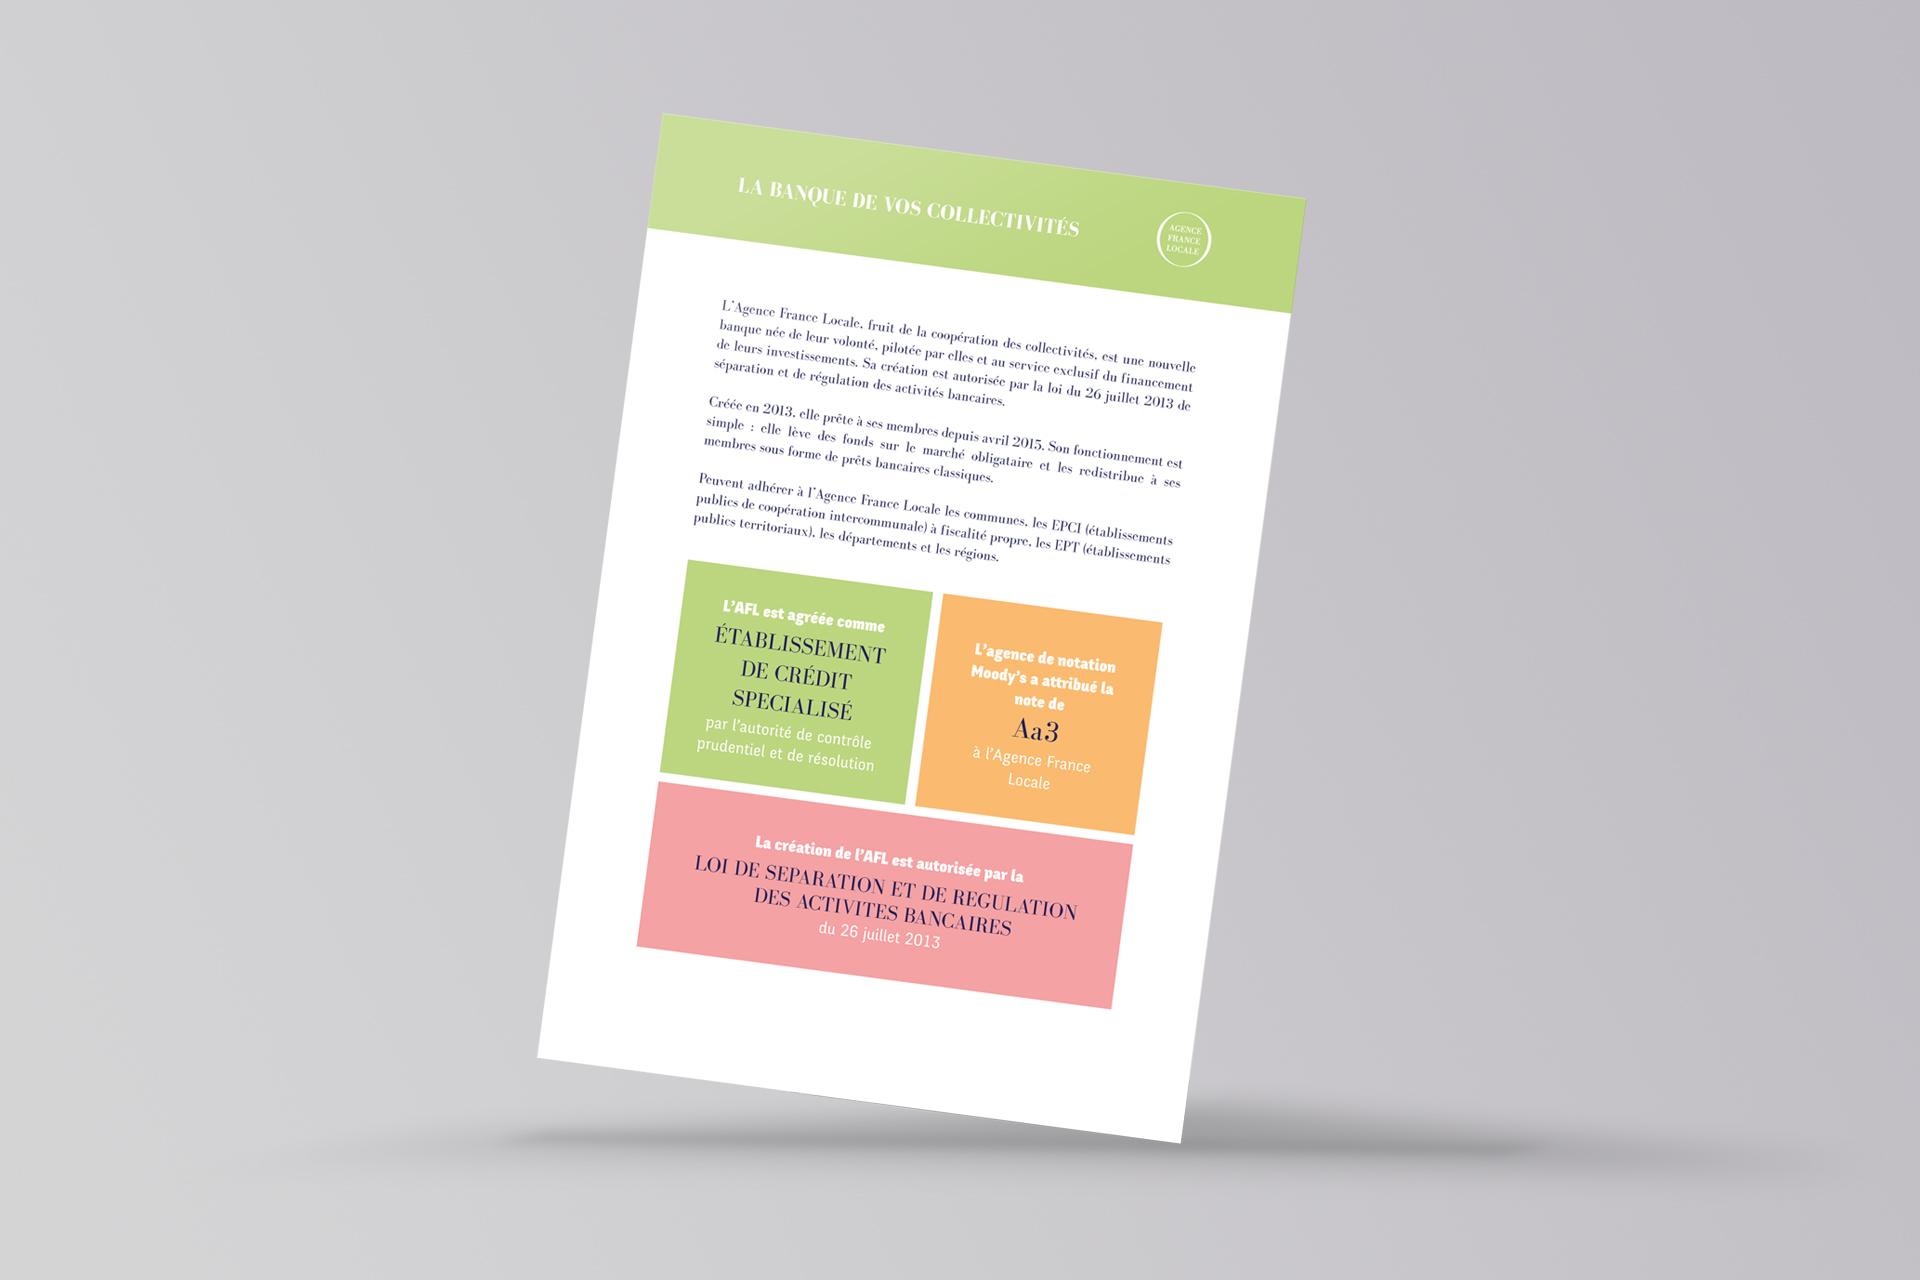 identité institutionnelle colorée pour les invitations de l'Agence France Locale